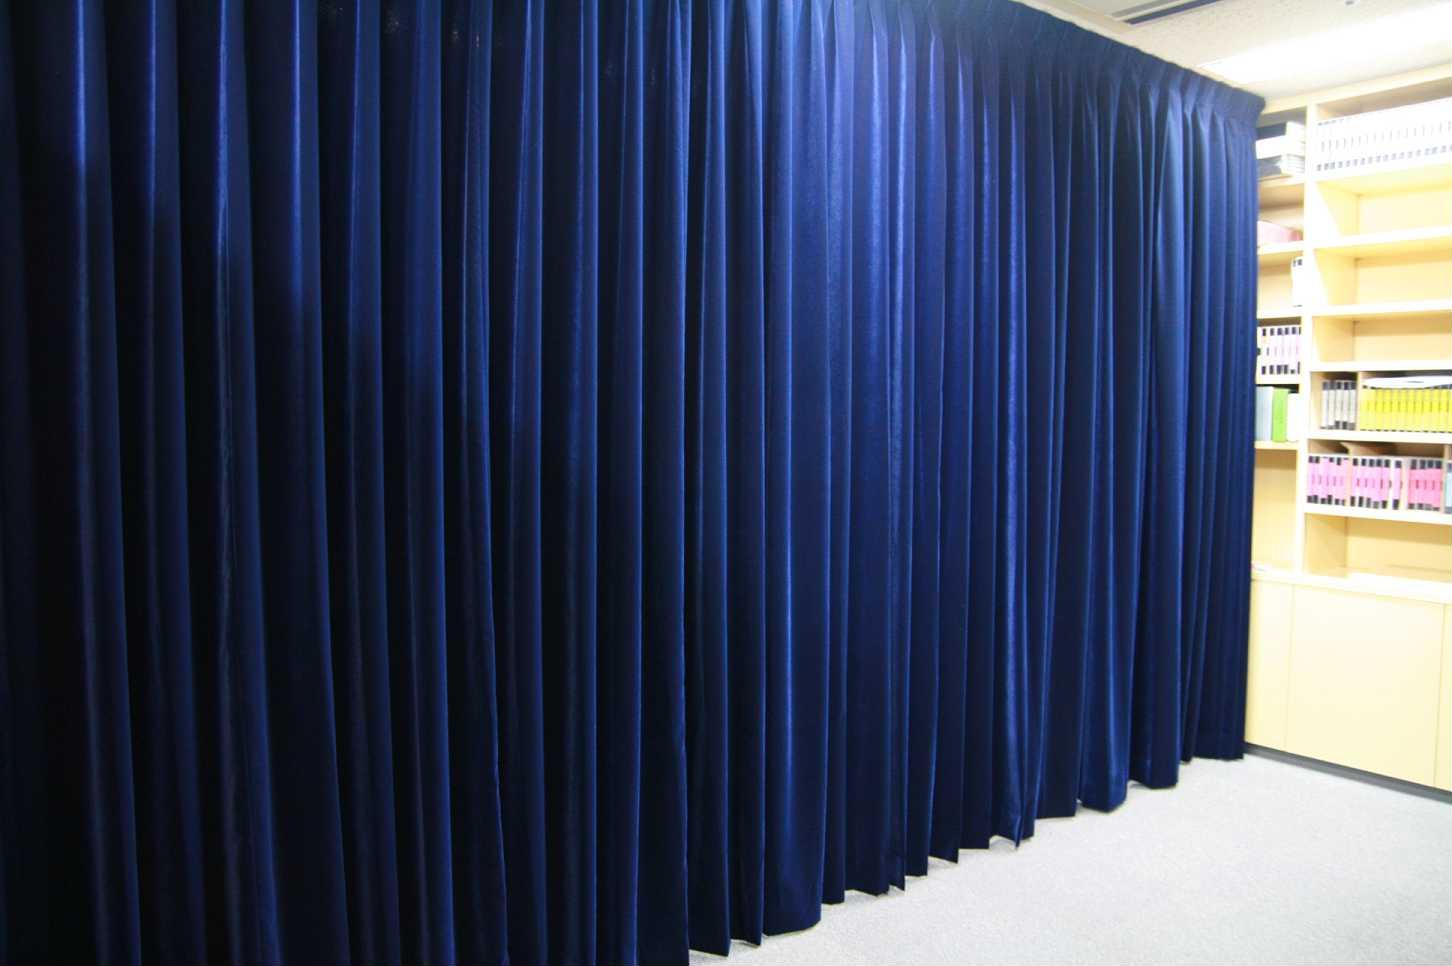 官邸記者会見室のカーテンのような濃紺ベルベットカーテン